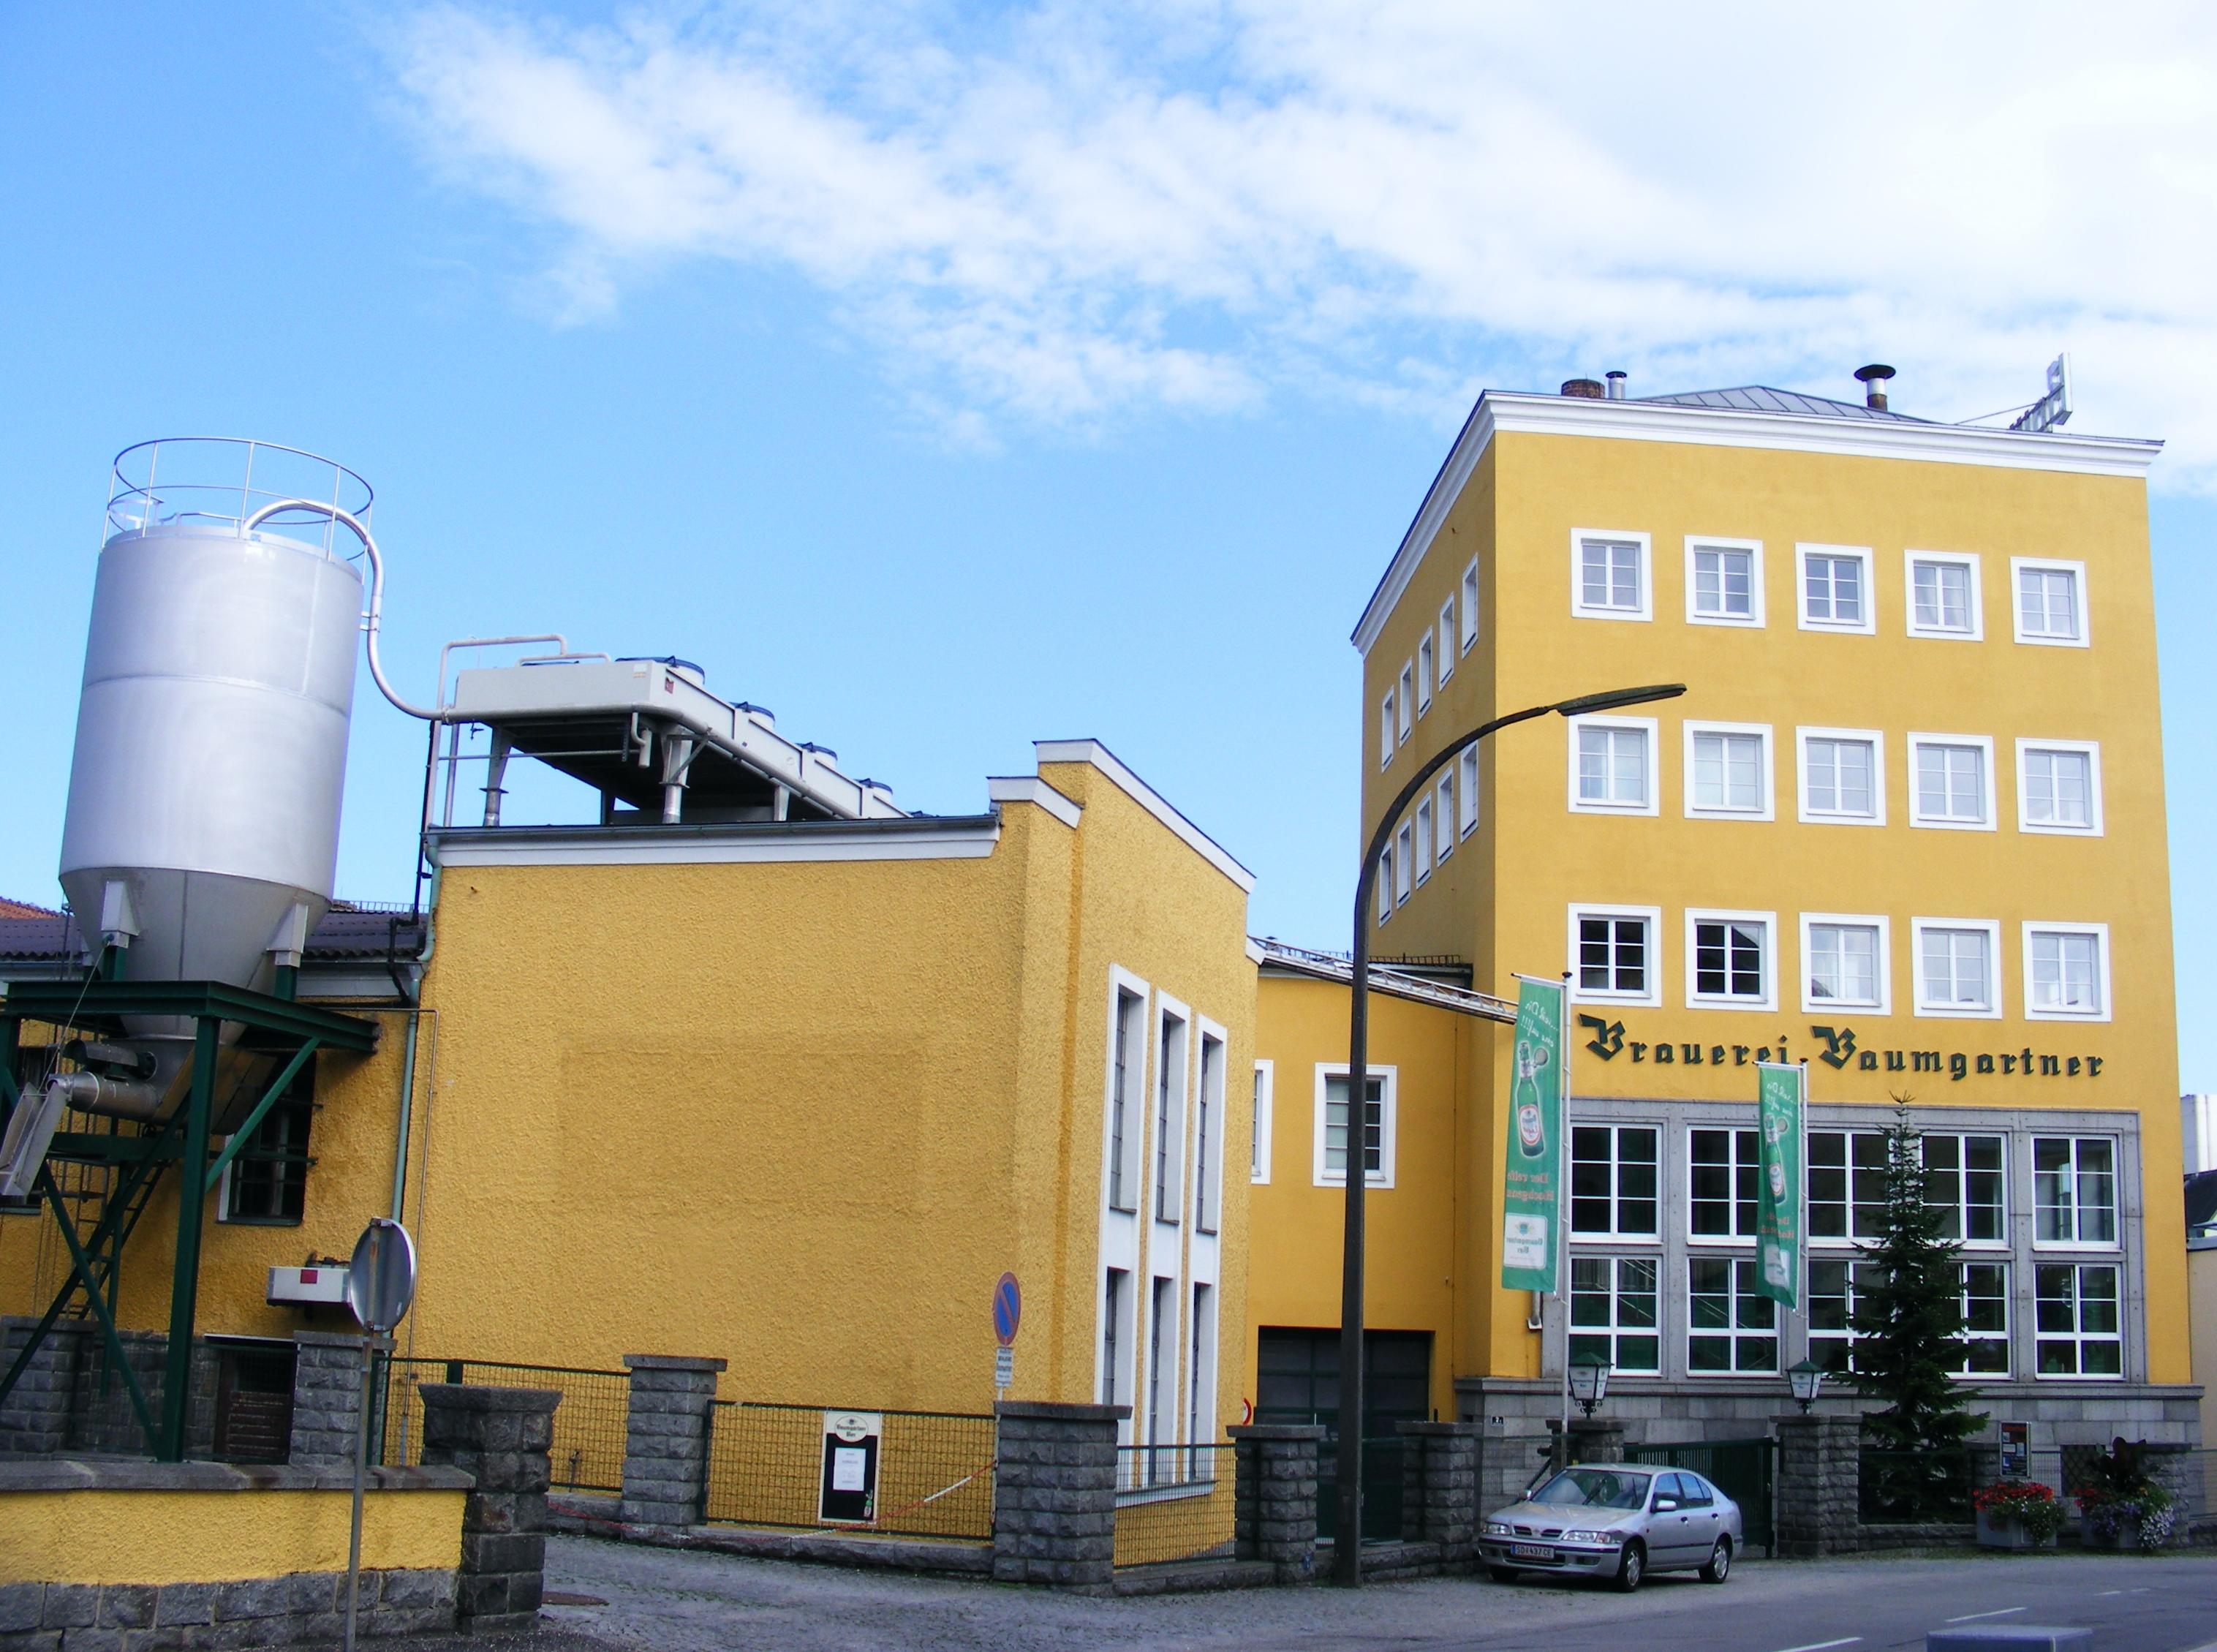 Bild 1 aus Beitrag: Schrding lehnt kozug ab Freinberg